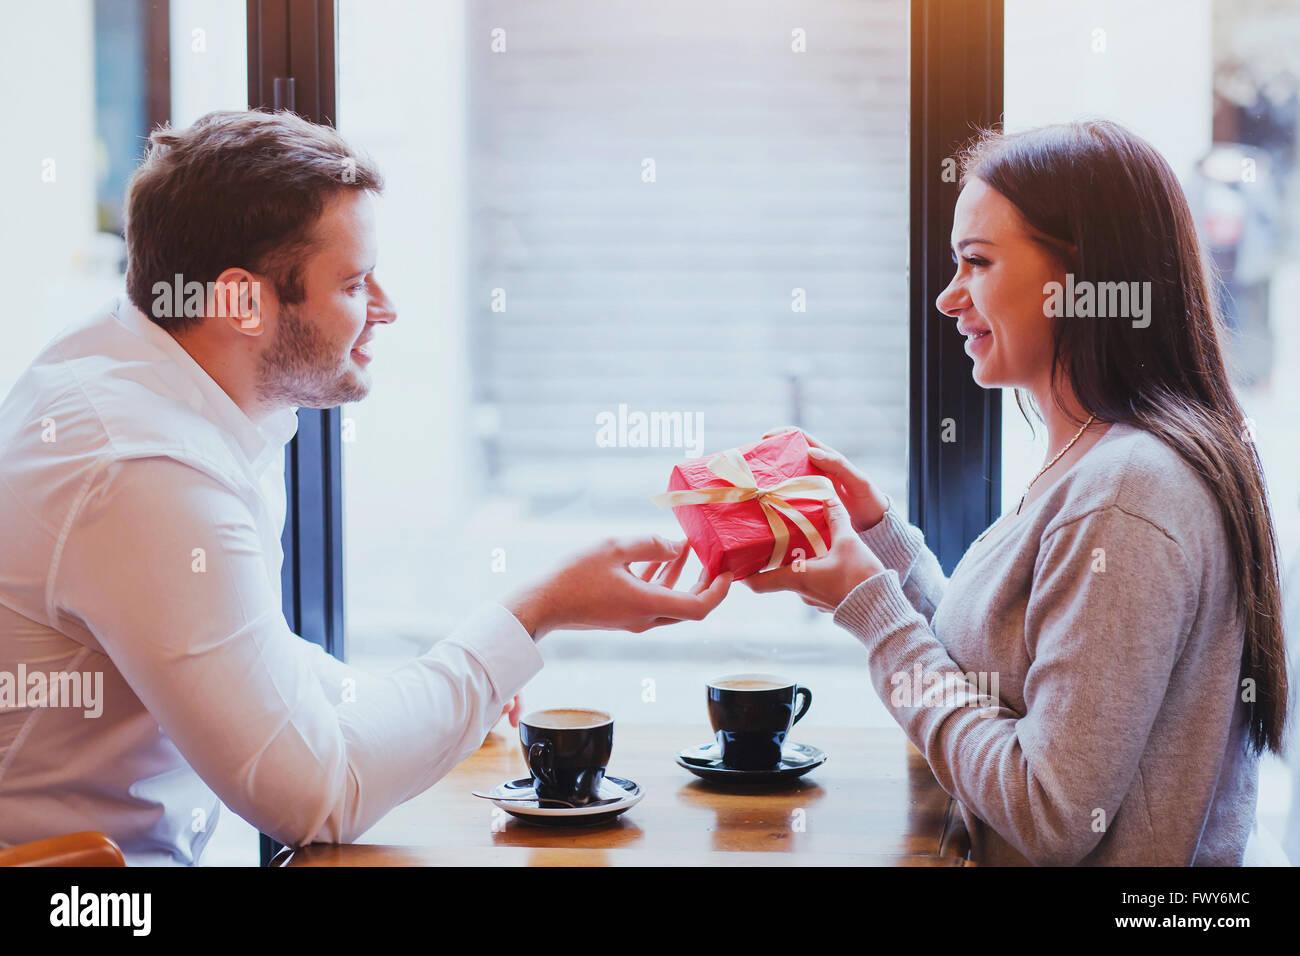 Regalo para el día de San Valentín, un cumpleaños o aniversario, el hombre y la mujer en la cafetería, Imagen De Stock